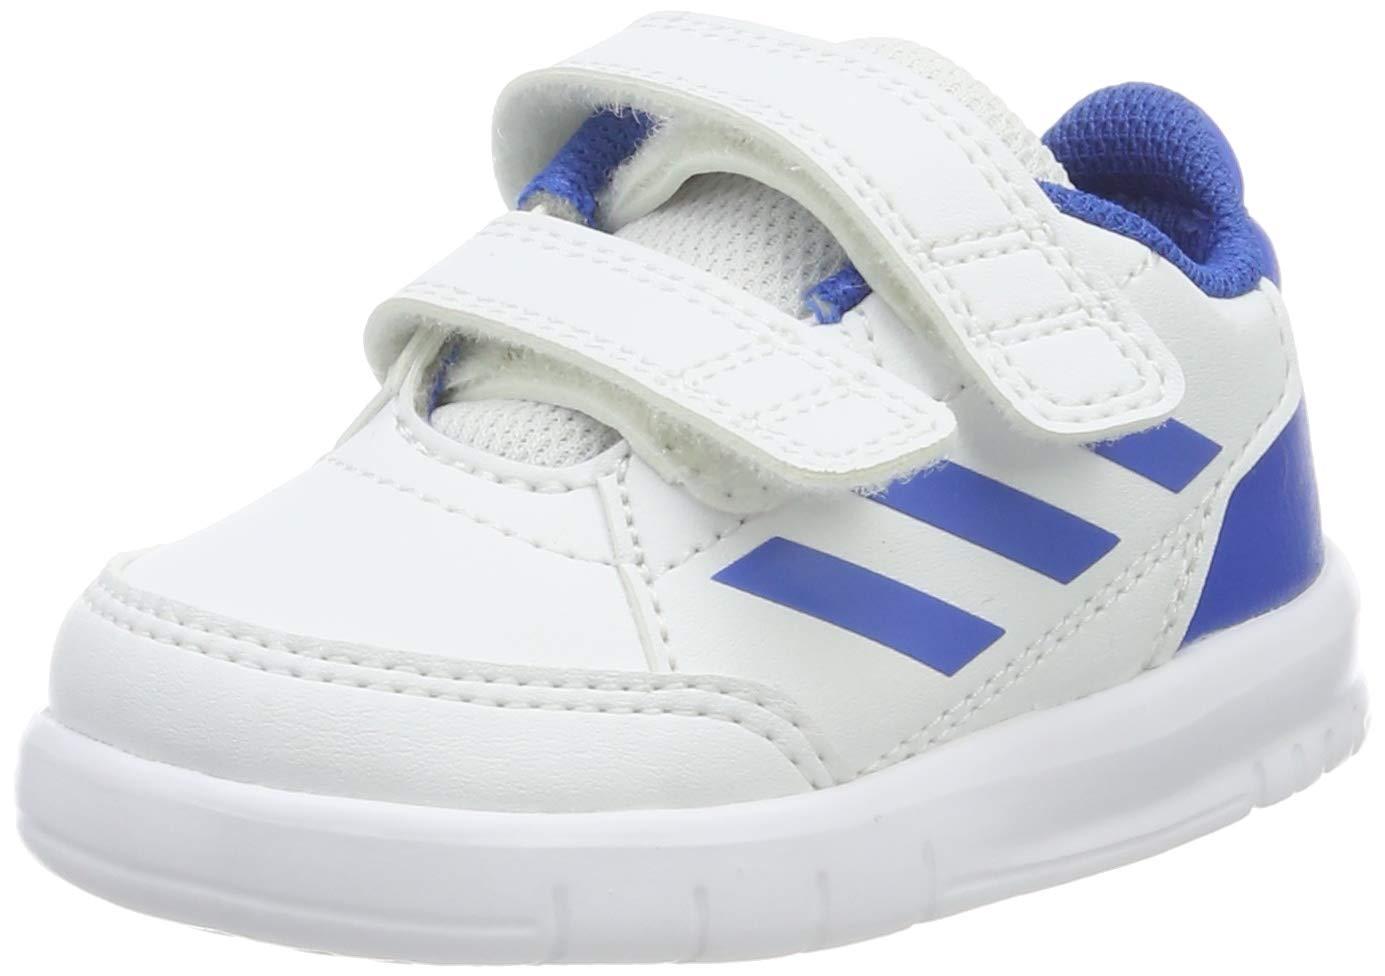 Zapatillas en para Mejor útiles valorados niñosOpiniones Kc1JlF